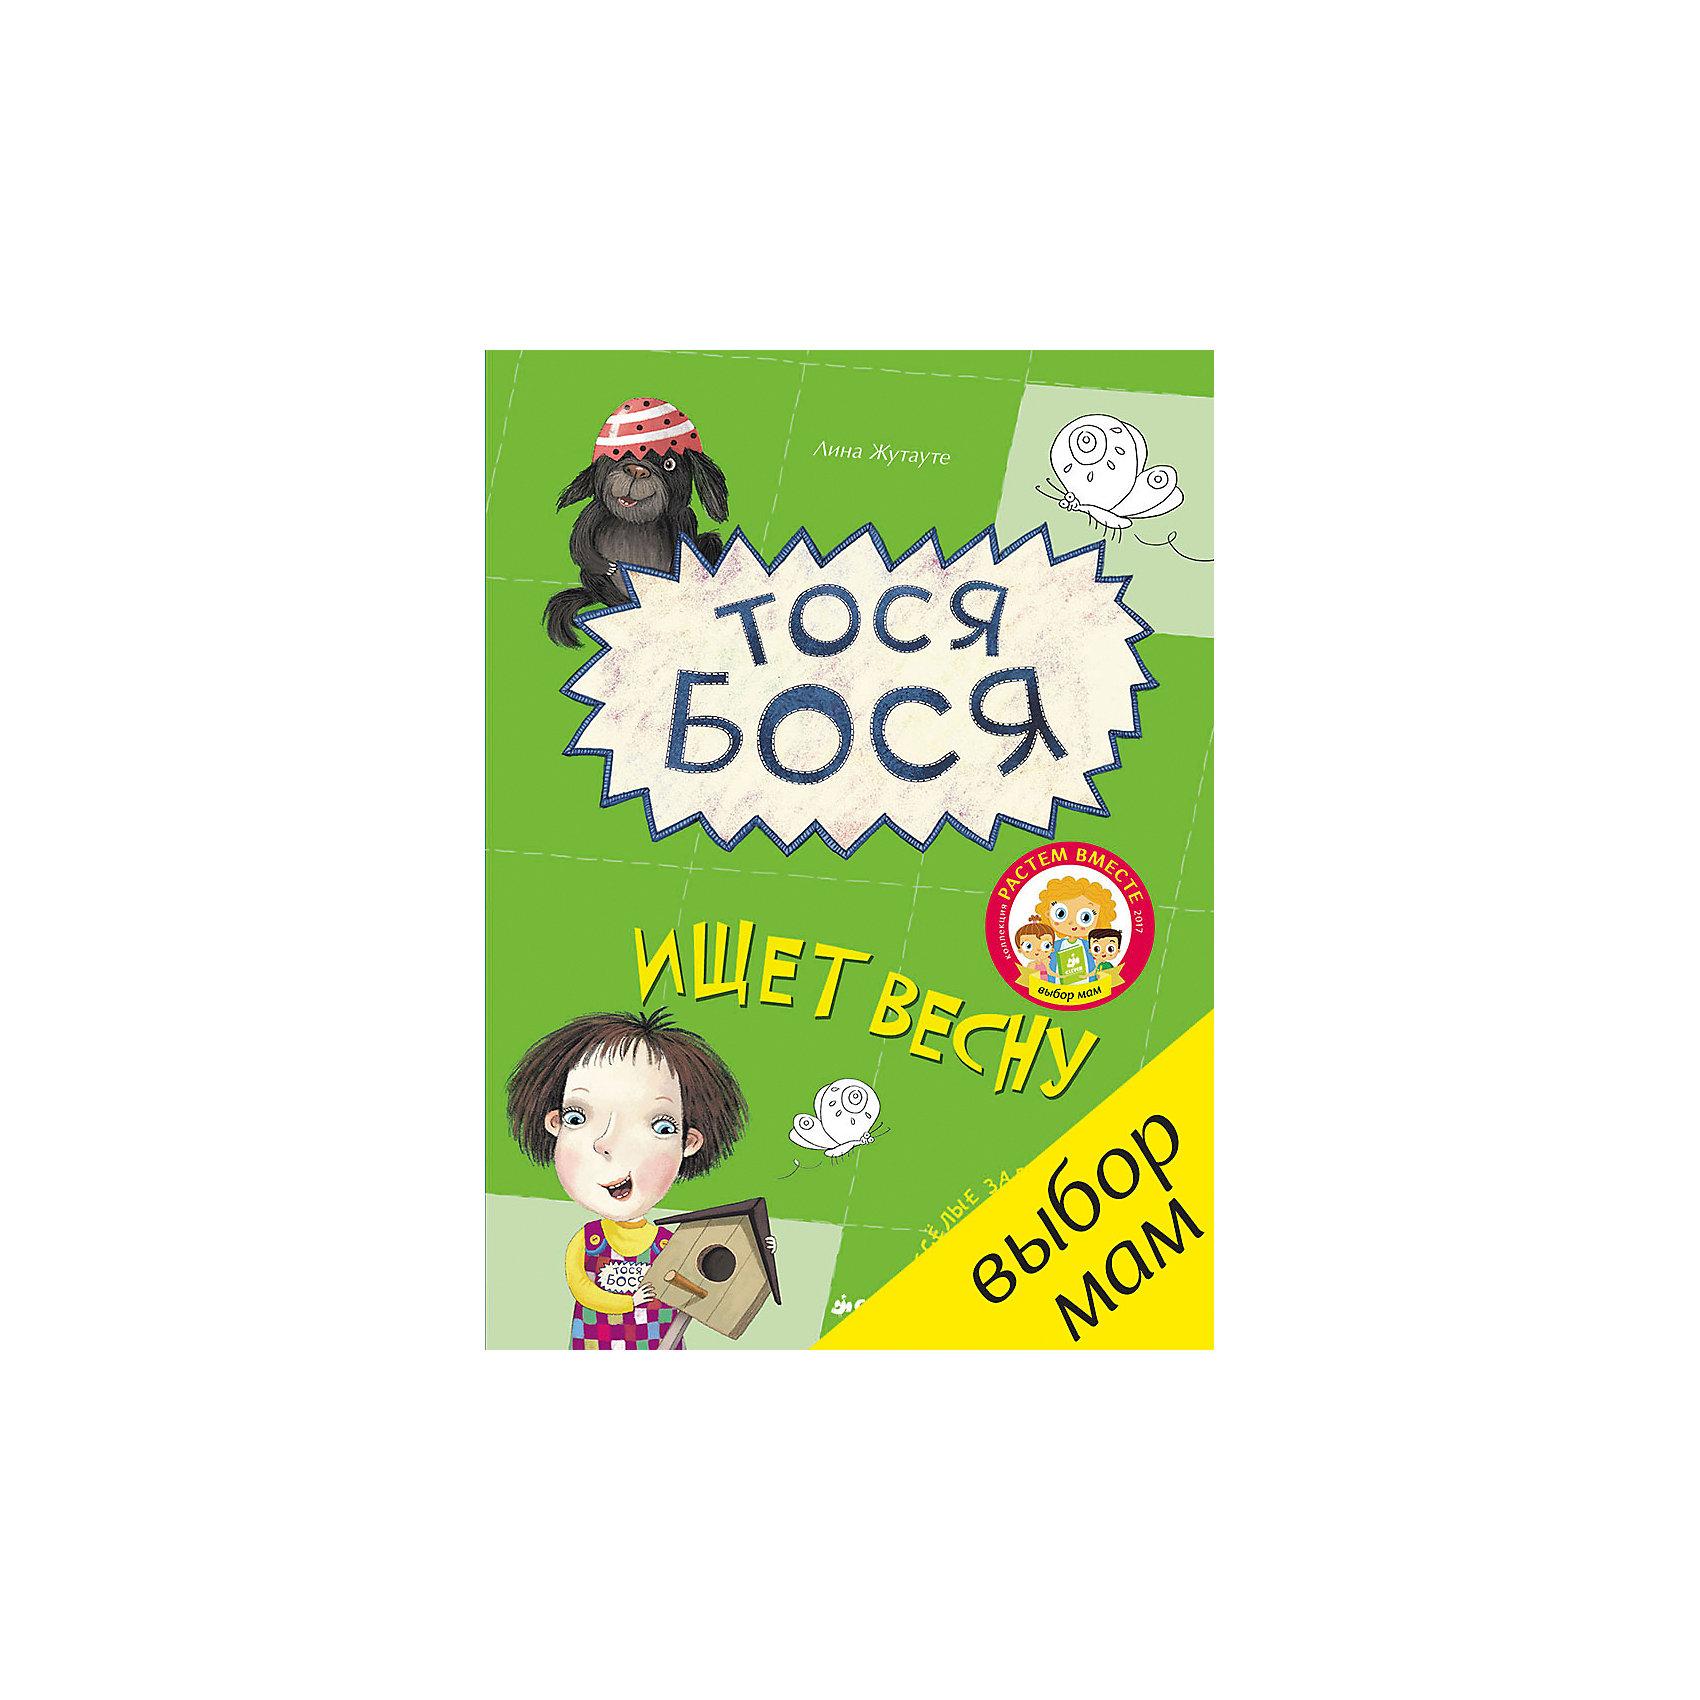 Книжка Тося-Бося ищет весну, CleverРазвивающие книги<br>Характеристики книжки Тося-Бося ищет весну:<br><br>• пол: для мальчиков и девочек<br>• возраст: 3-6 лет<br>• формат: 70х100х0.8 см.<br>• переплет: мягкий переплёт<br>• кол-во страниц: 24<br>• автор: Жутауте Л.<br>• издательство: Clever<br>• серия: Лина Жутауте<br><br>В этой книжке Тося-Бося будет говорить с жучками, разглядывать зеленые листочки… Тося будет встречать весну! И Ваш малыш вместе с веселой Тосей сможет выполнить самые разные развивающие задания. Пририсовать курочке крылышки, чтобы она могла спрятать своих цыплят, вырезать и наклеить листочки, чтобы укрыть спящих жучков, раскрасить деревья, найти отличия, соединить точки, распутать лабиринты - вот как много интересного ждет ребенка в этой удивительно яркой и весенней книжке! <br><br>Обсудите, что происходит весной, как просыпается природа. Рассмотрите на картинках животных и насекомых, с которыми дружит Тося-Бося. Выполняя задания, поговорите о том, как важно помогать зверюшкам и как важно сохранять природу, заботиться о ней. Обязательно выполняйте задания в книжке вместе, ведь ребенку может потребоваться Ваша помощь или просто хорошая компания!<br><br>Что развивает:<br><br>- мелкую моторику<br>- логику и внимание<br>- готовит руку к письму<br>- тренирует память<br>- учит раскрашивать<br><br>Книжку Тося-Бося ищет весну издательства Clever  можно купить в нашем интернет-магазине.<br><br>Ширина мм: 295<br>Глубина мм: 215<br>Высота мм: 5<br>Вес г: 120<br>Возраст от месяцев: 48<br>Возраст до месяцев: 72<br>Пол: Унисекс<br>Возраст: Детский<br>SKU: 5440229